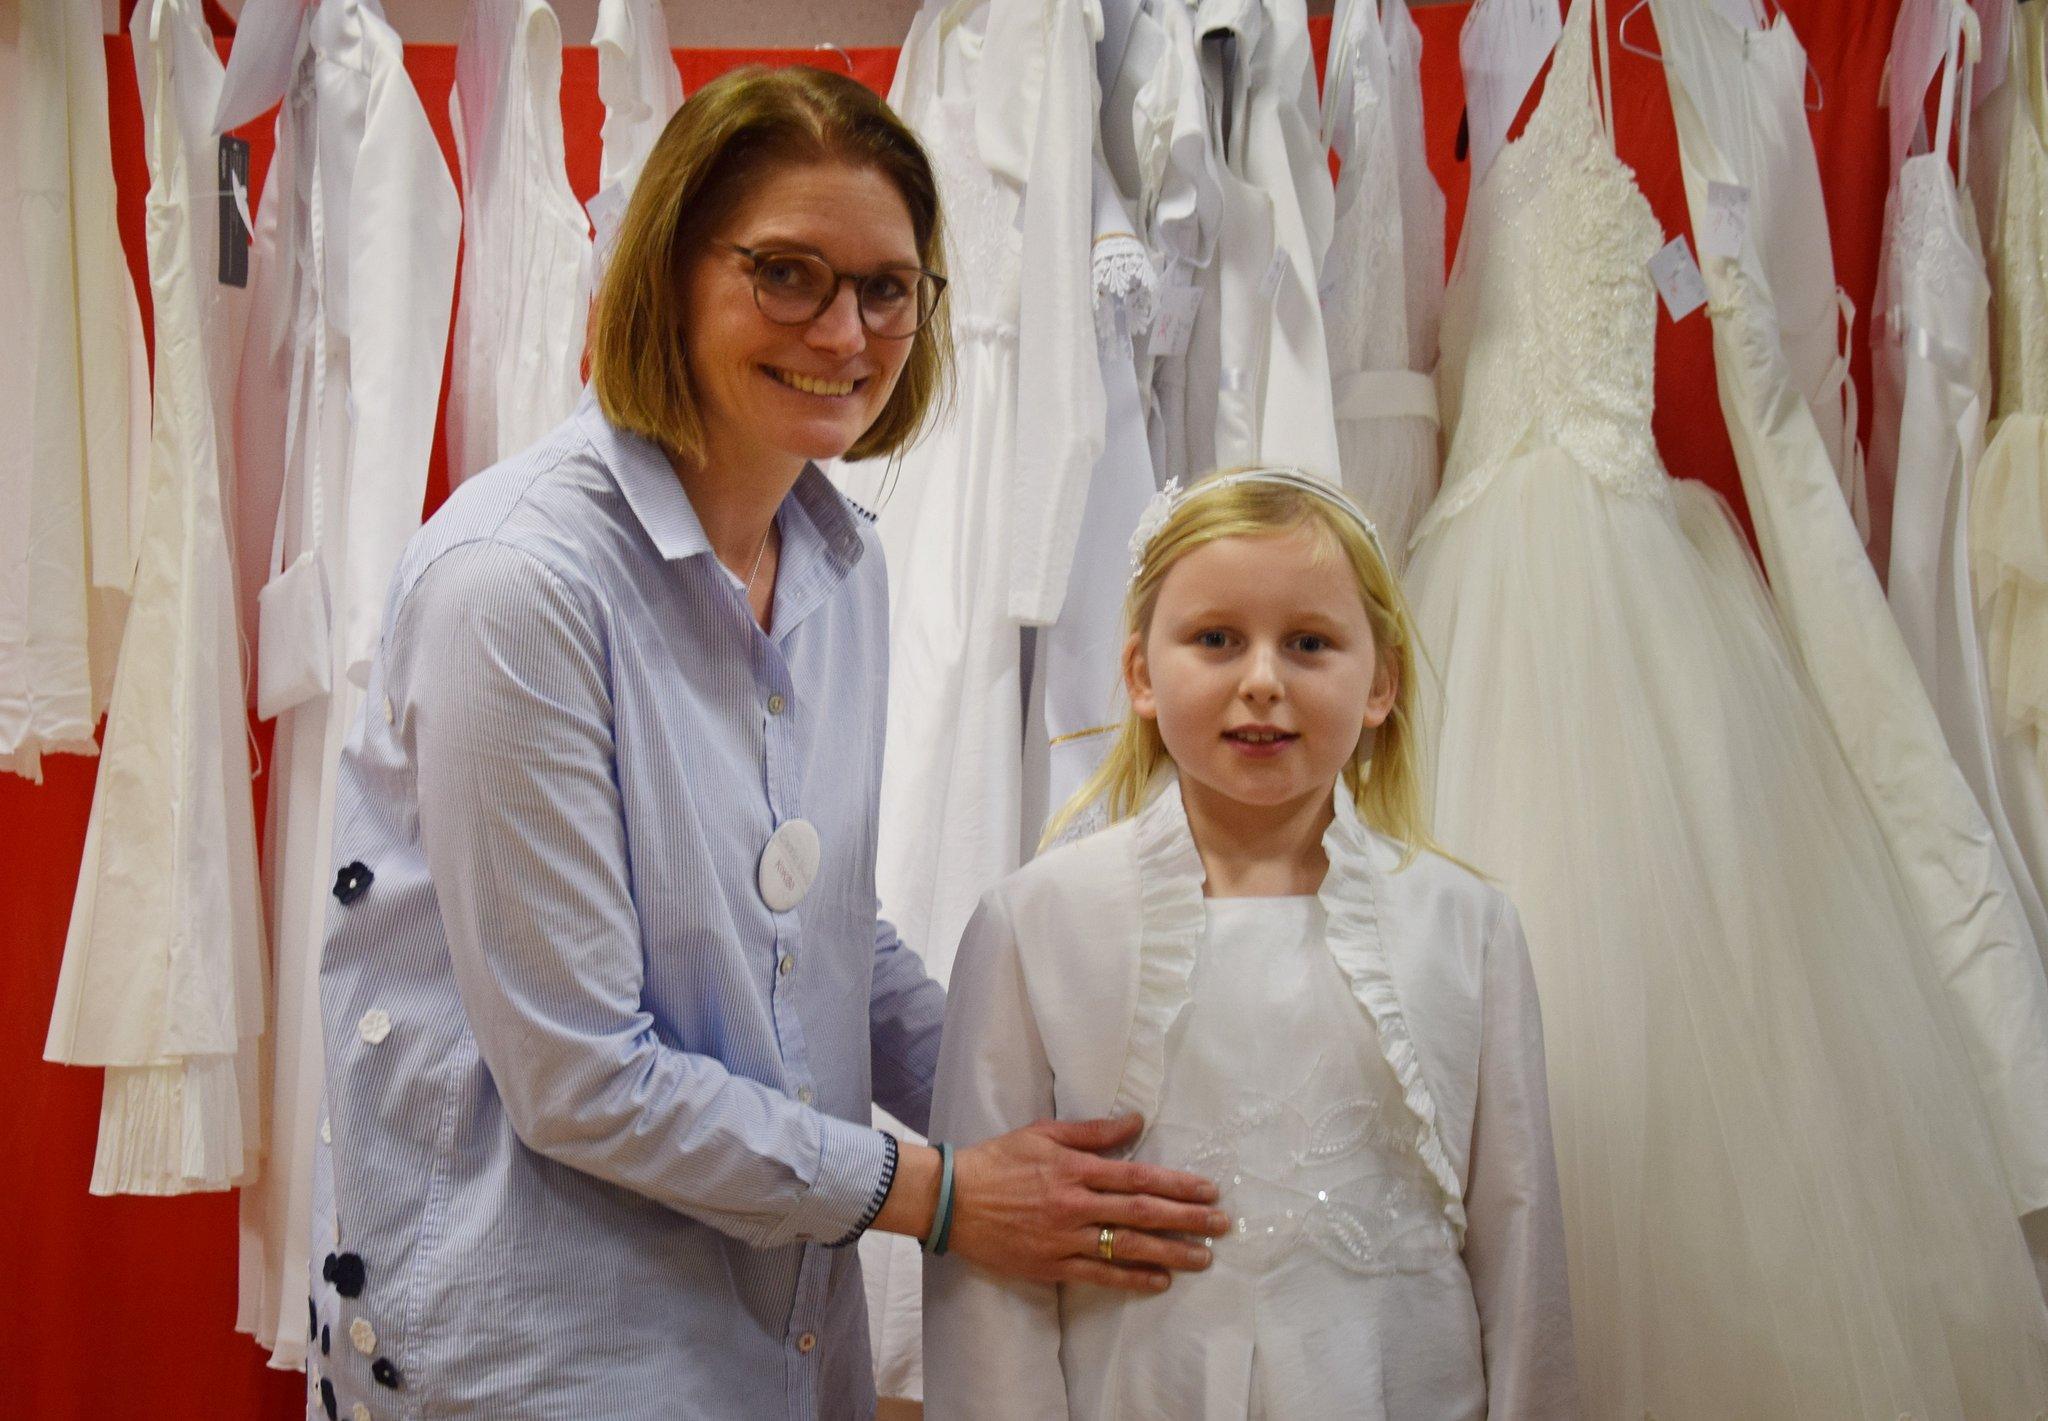 Koklbo Verkauft Festliche Kinderkleidung Im Josefshaus Kommunion Kleider Borse Hat Regen Zulauf Haltern